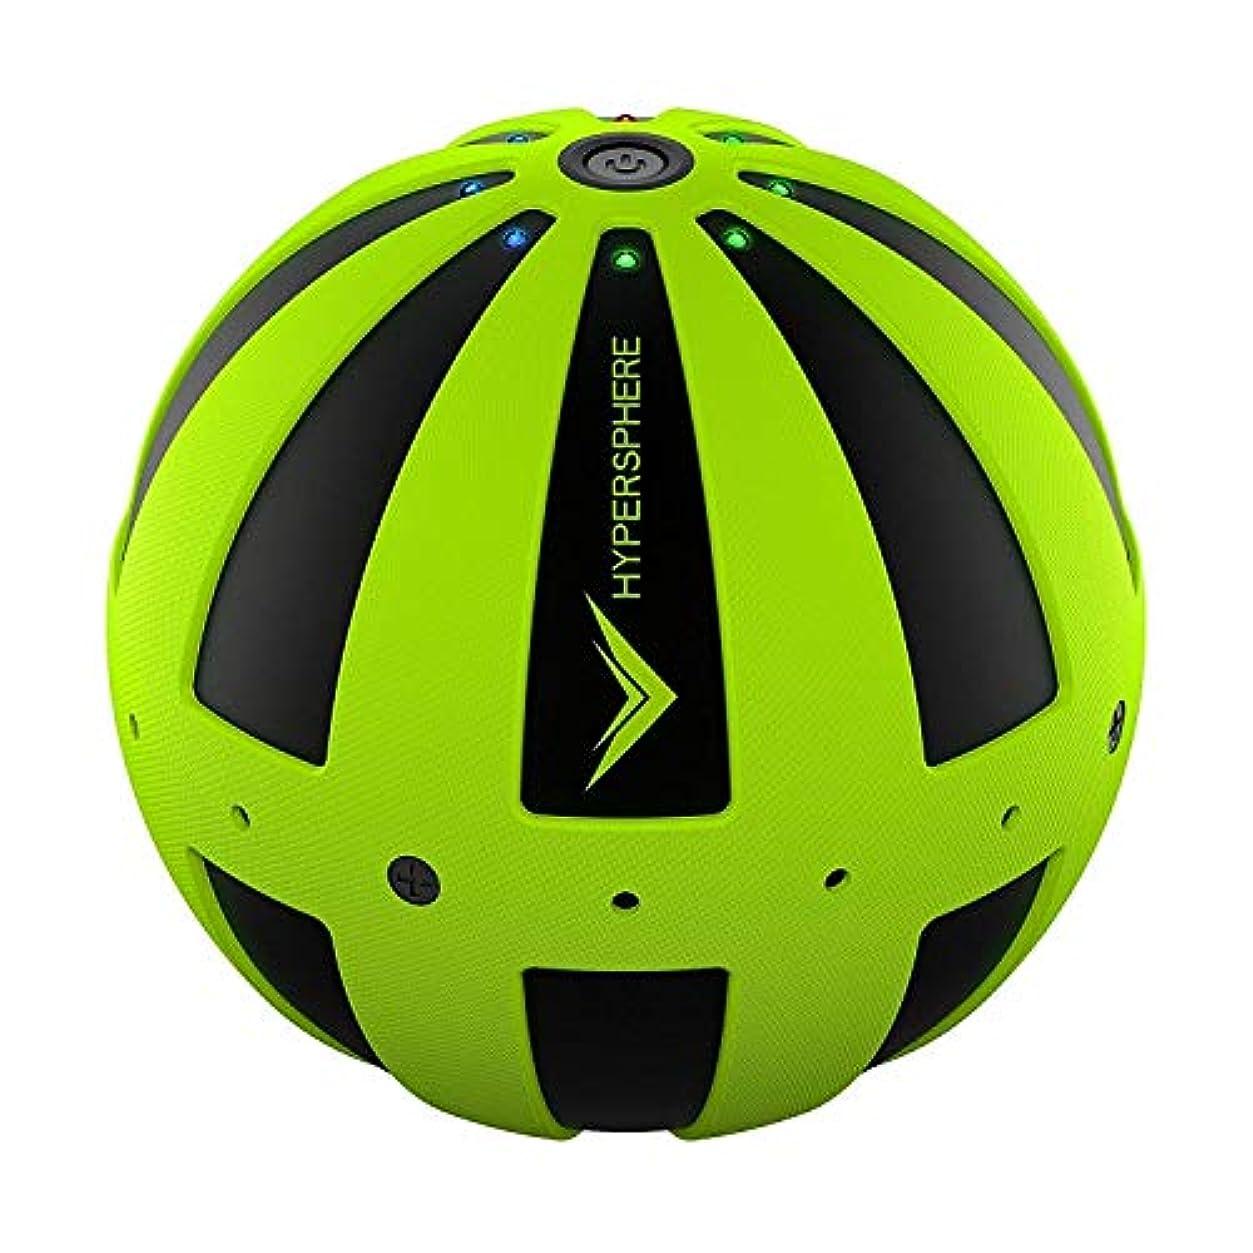 突っ込む反射学習Hypersphere Vibrating Fitness Ball (PSEアダプタ付属) [並行輸入品]